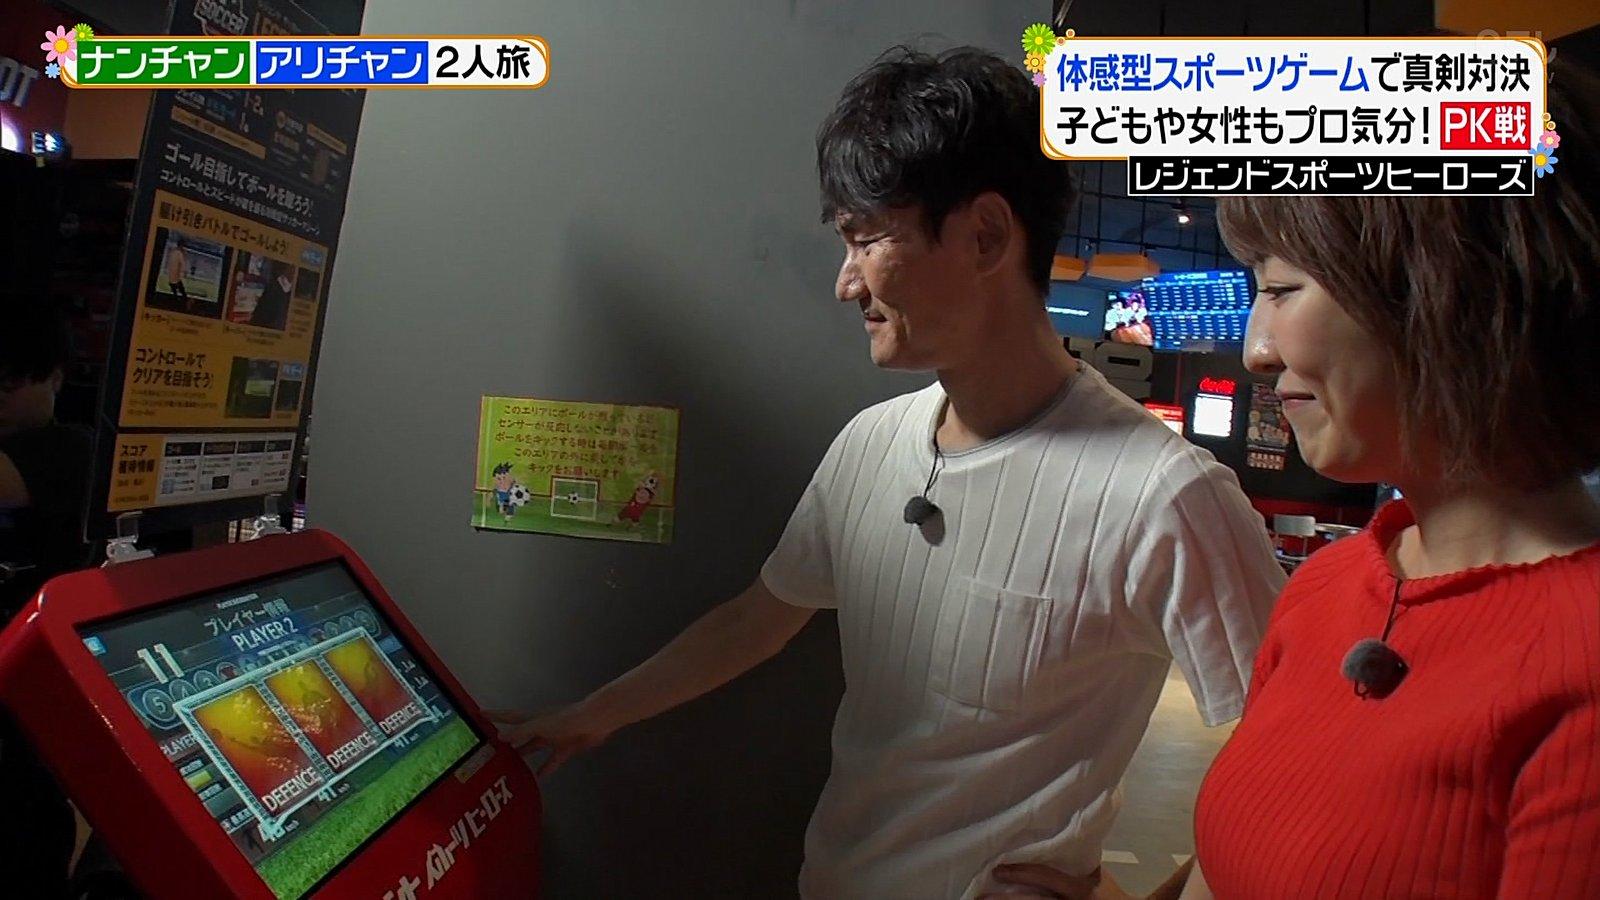 2019年8月9日日本テレビ系列『ヒルナンデス!』滝菜月さんのテレビキャプチャー画像-508